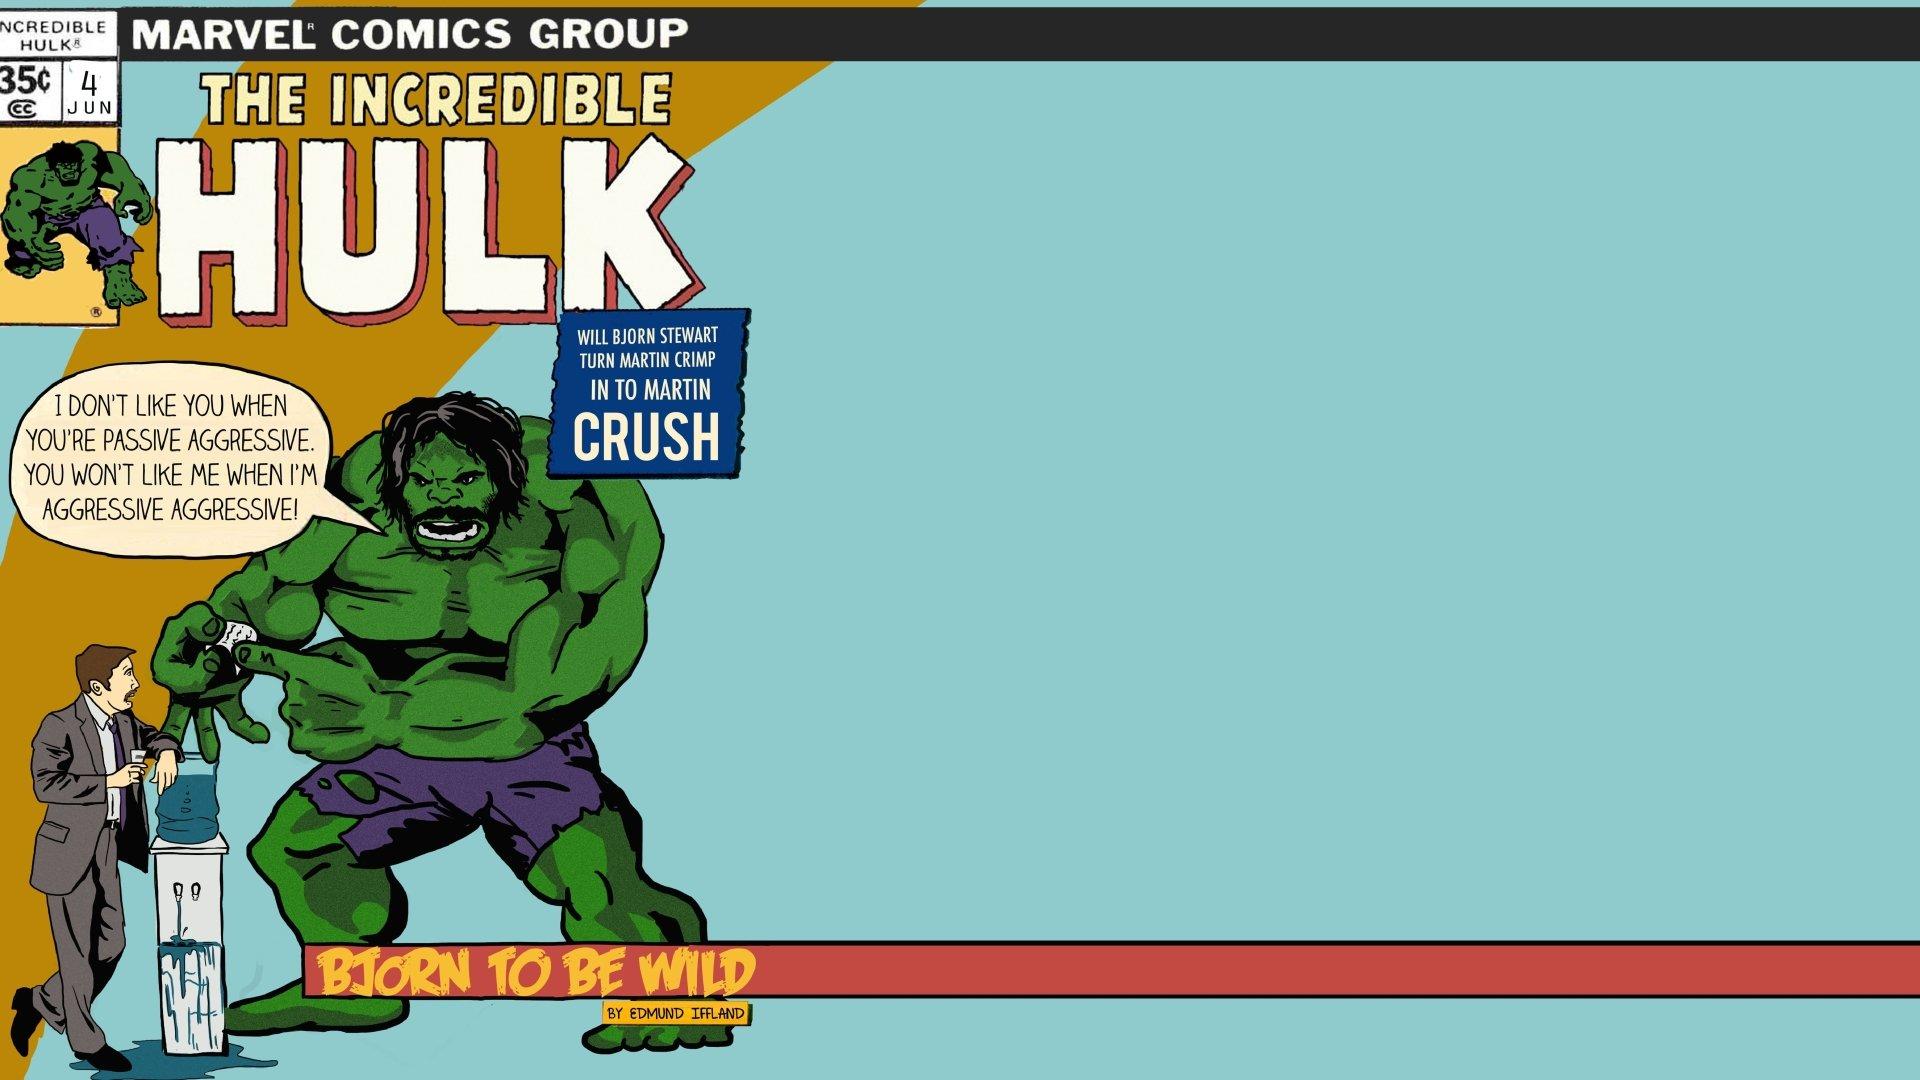 The incredible hulk 5k retina ultra hd fond d 39 cran and - Telecharger hulk ...